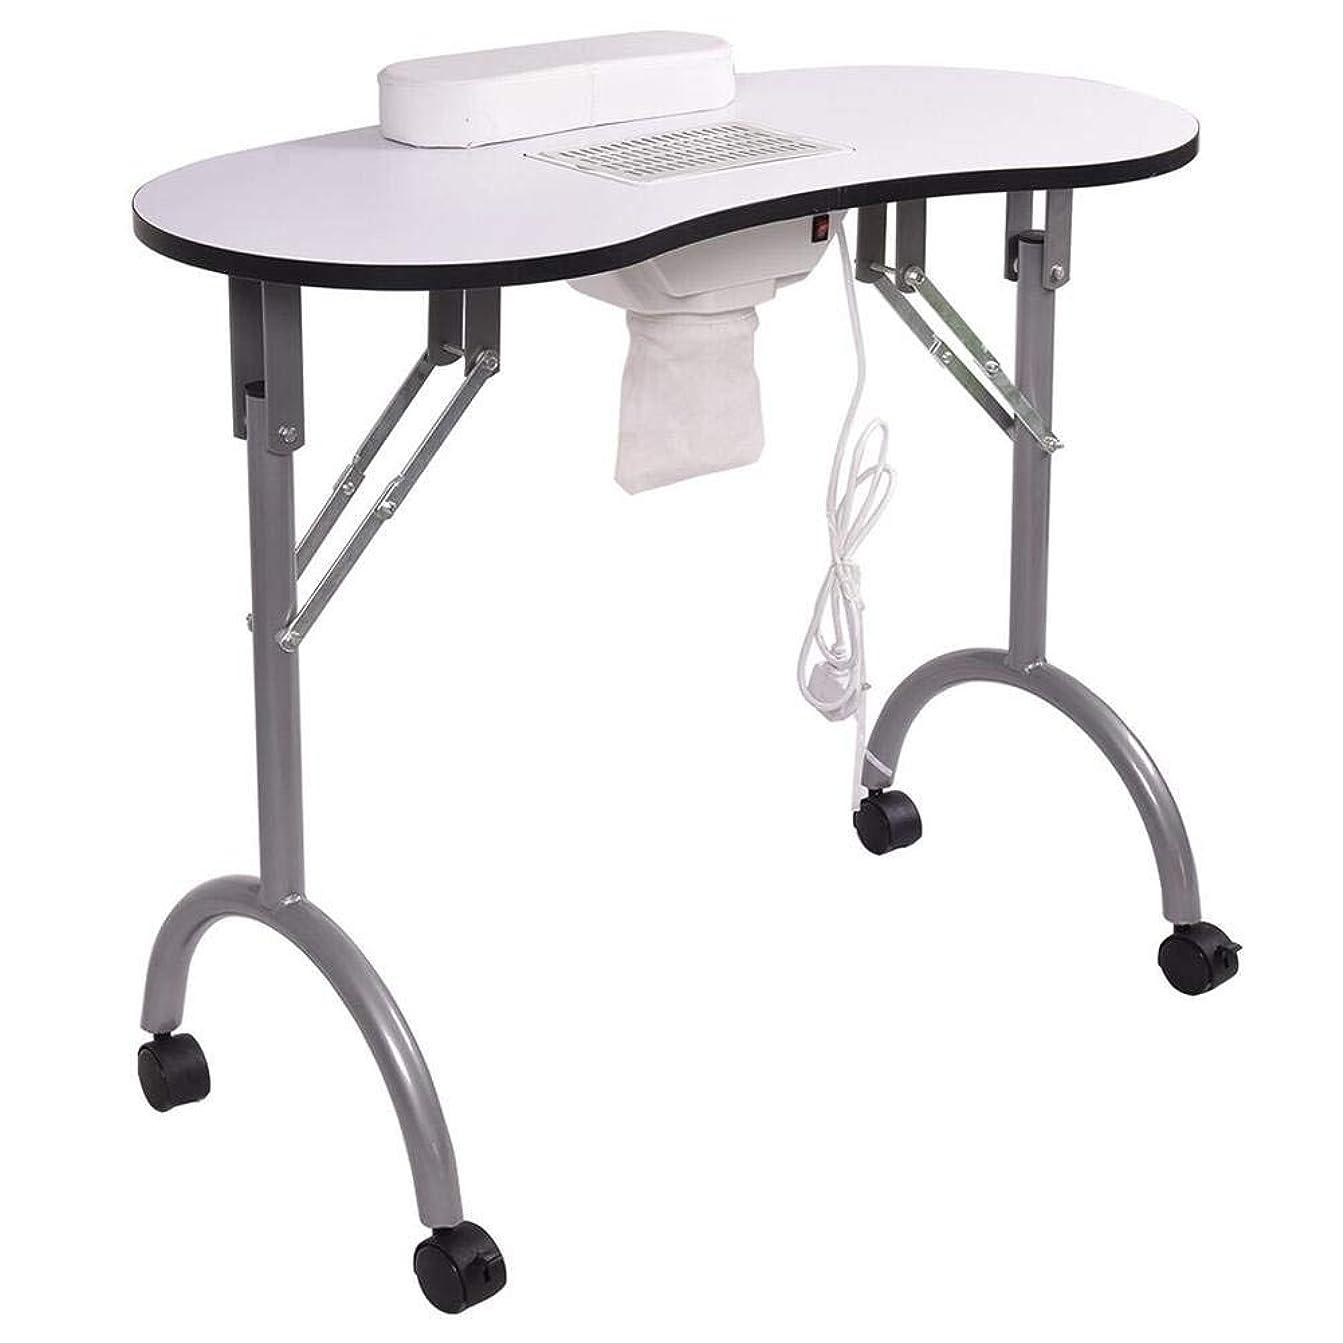 カビ楕円形コンサルタントネイルテーブルマニキュアテーブル折りたたみポータブルベントネイルデスクワークステーションサロンスパwithネイル掃除機andbag